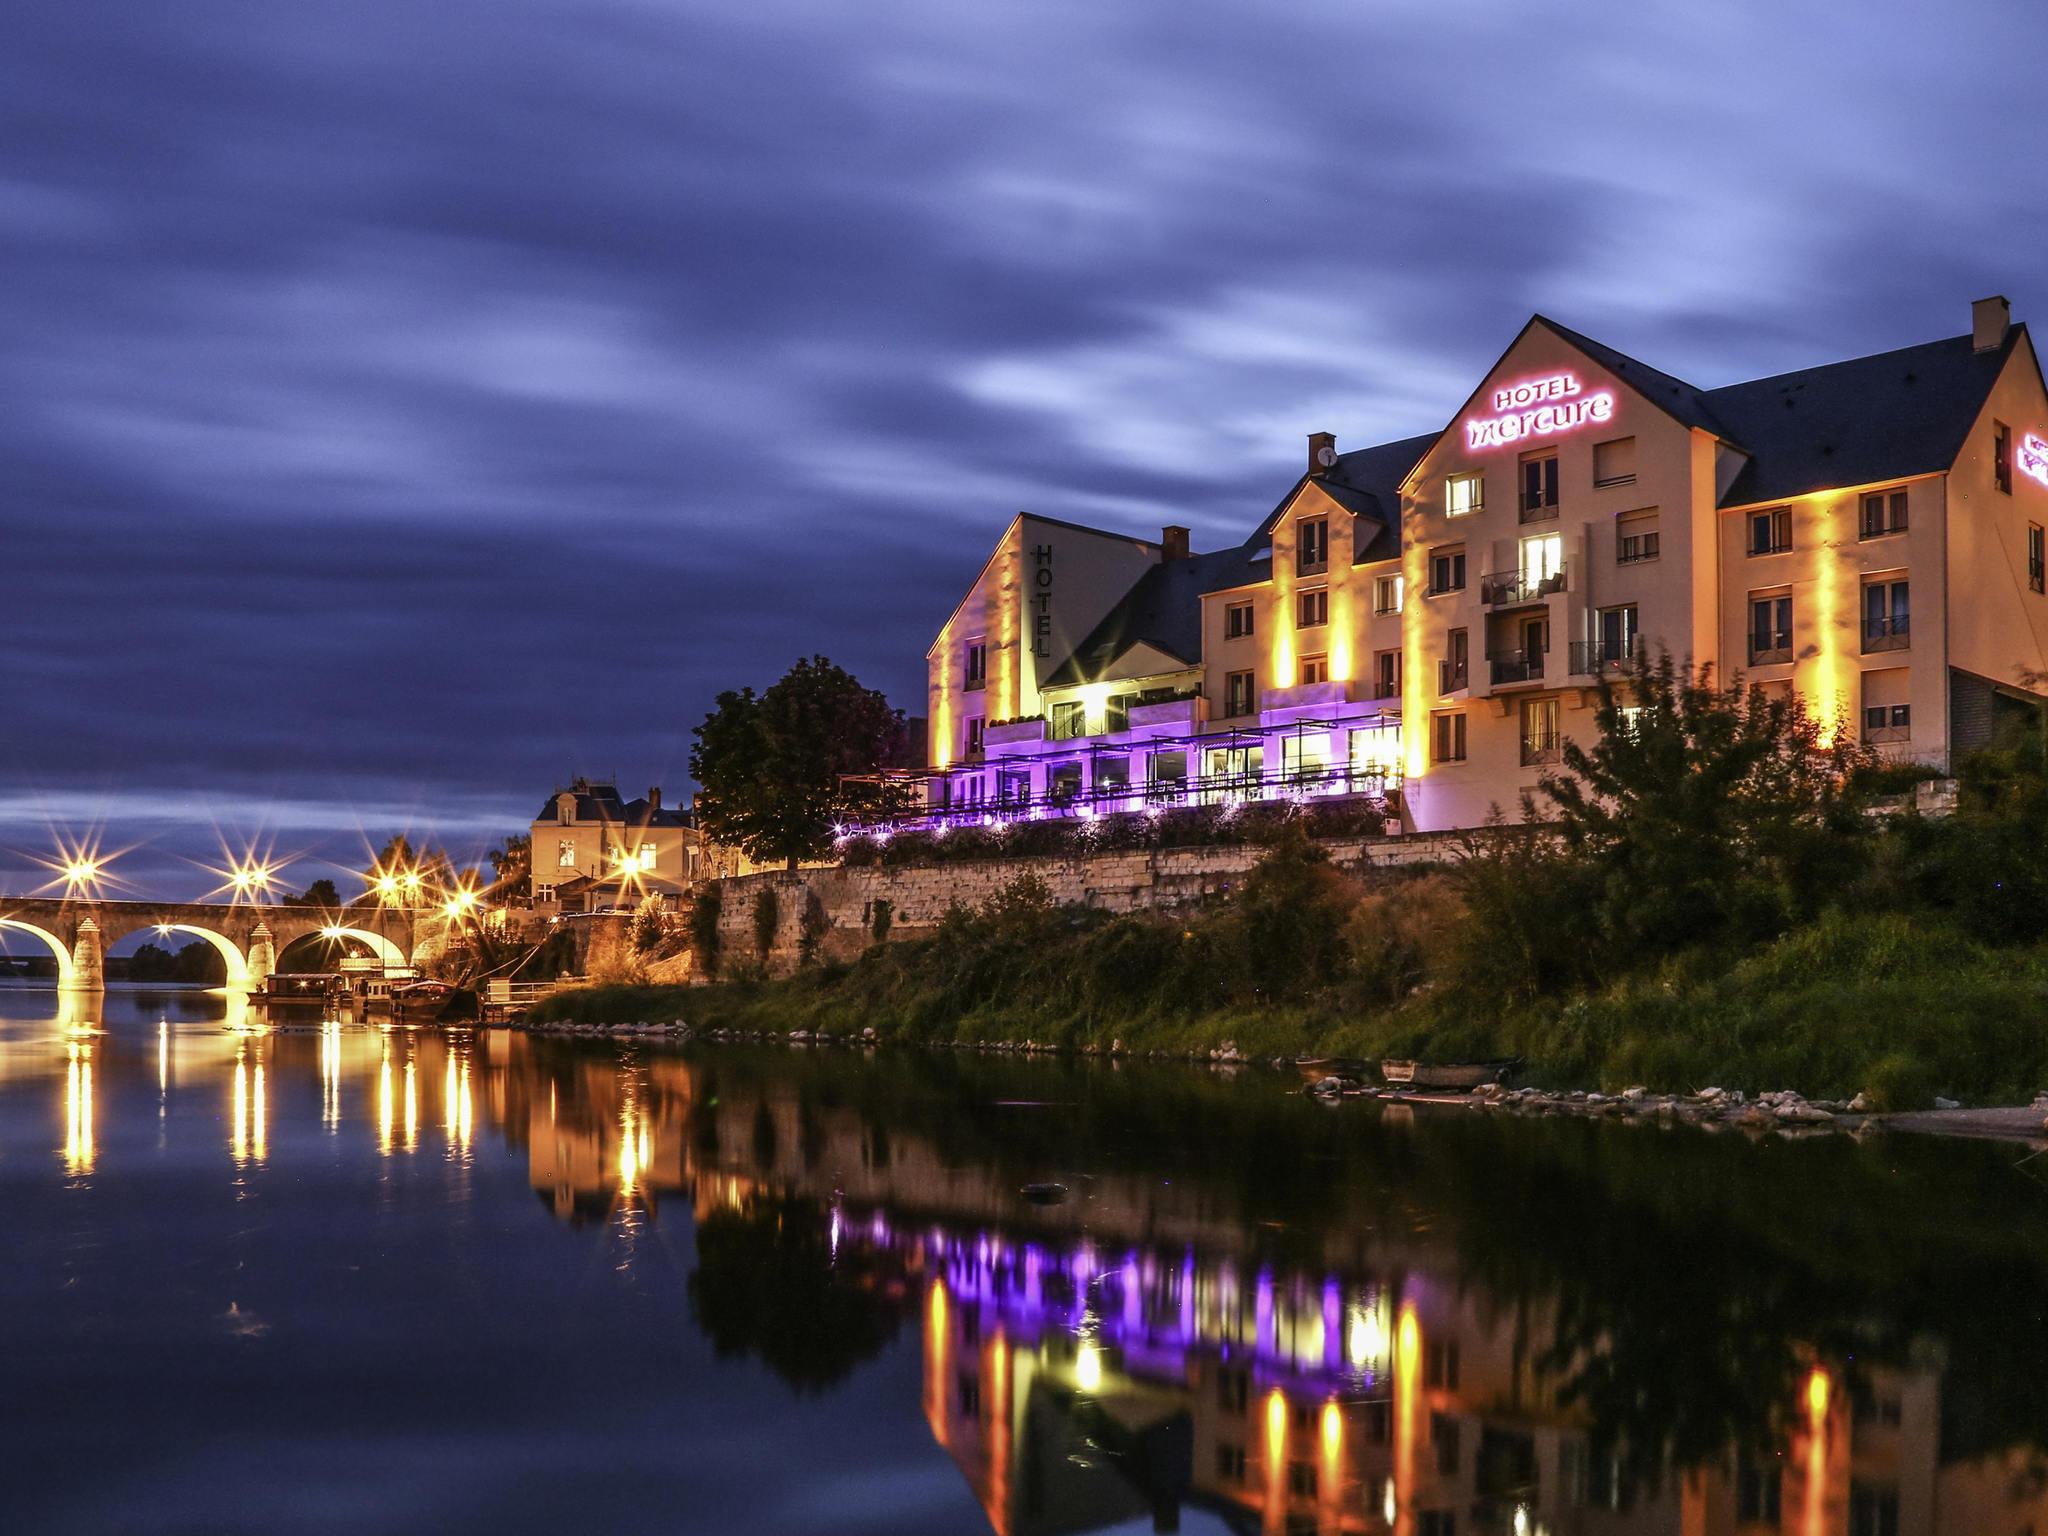 Hotel – Hôtel Mercure Bords de Loire Saumur